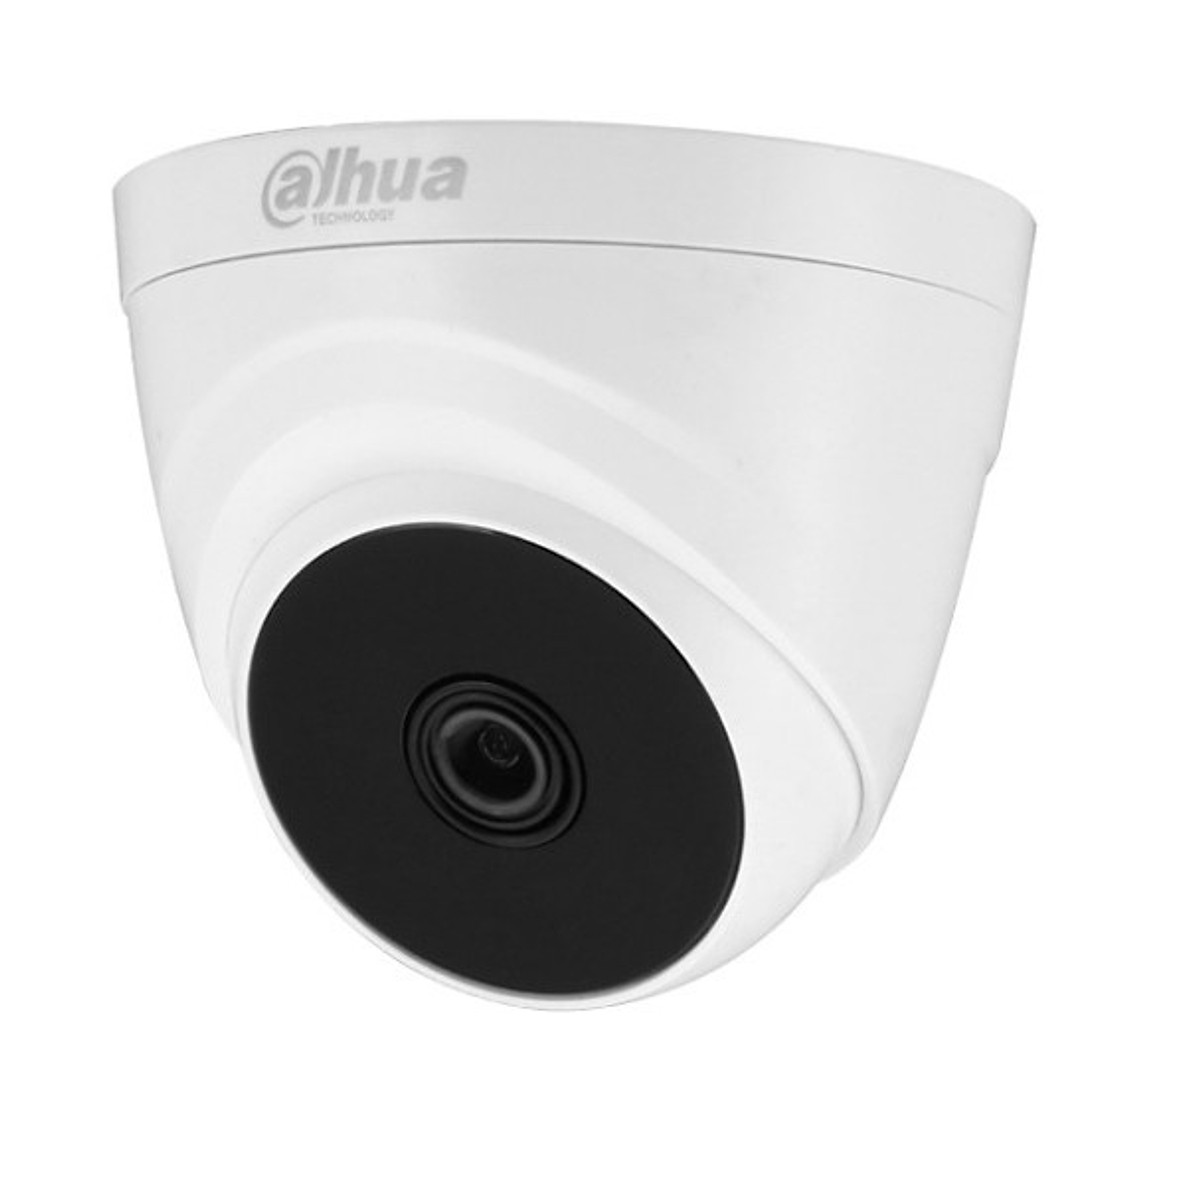 Camera HD-CVI Cooper 2.0 Mega Pixel hồng ngoại 20m trong nhà Dahua HAC-T2A21P – Hàng nhập khẩu